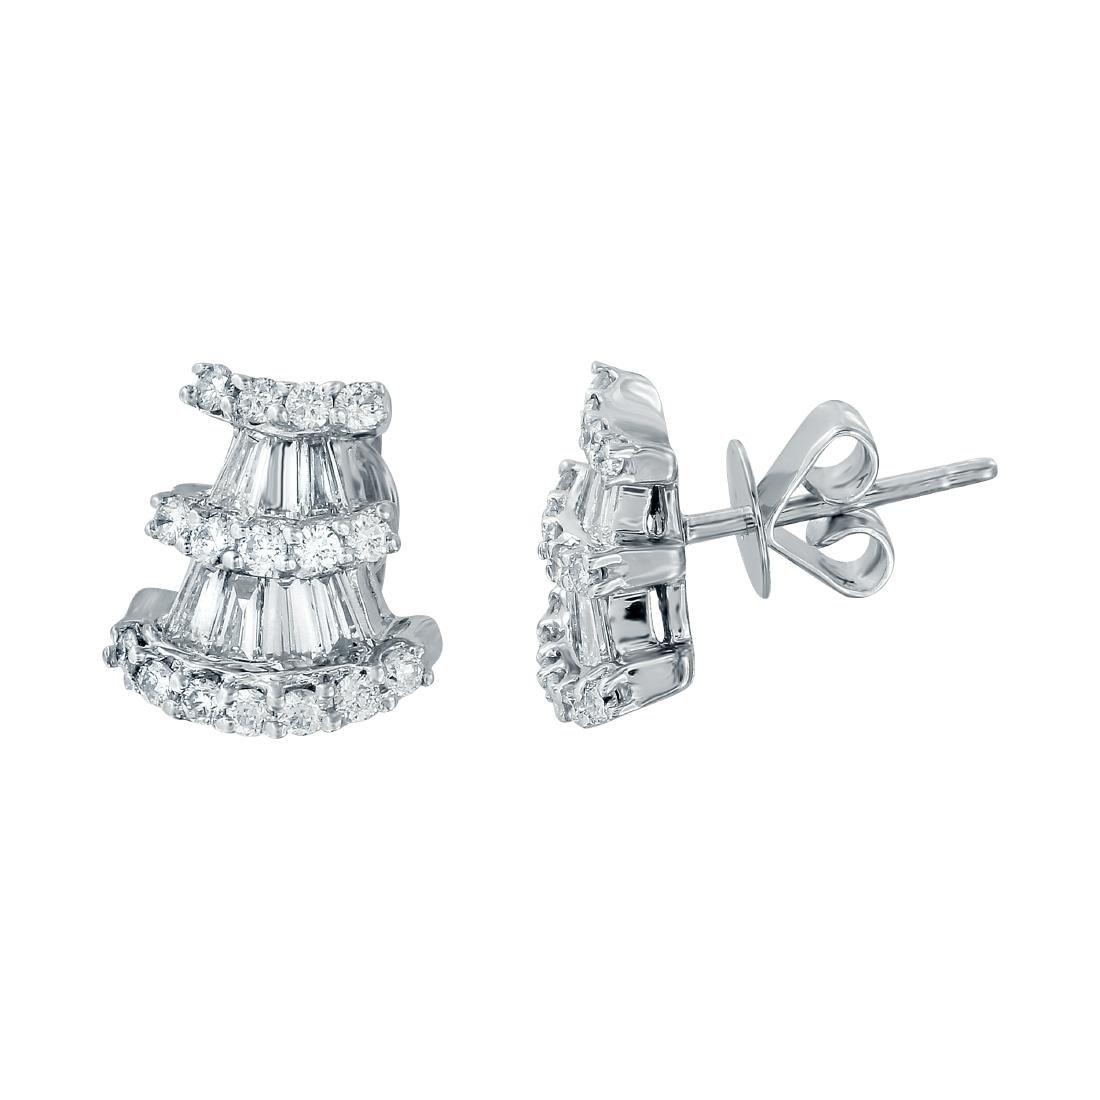 18KT White Gold Diamond Stud Earrings